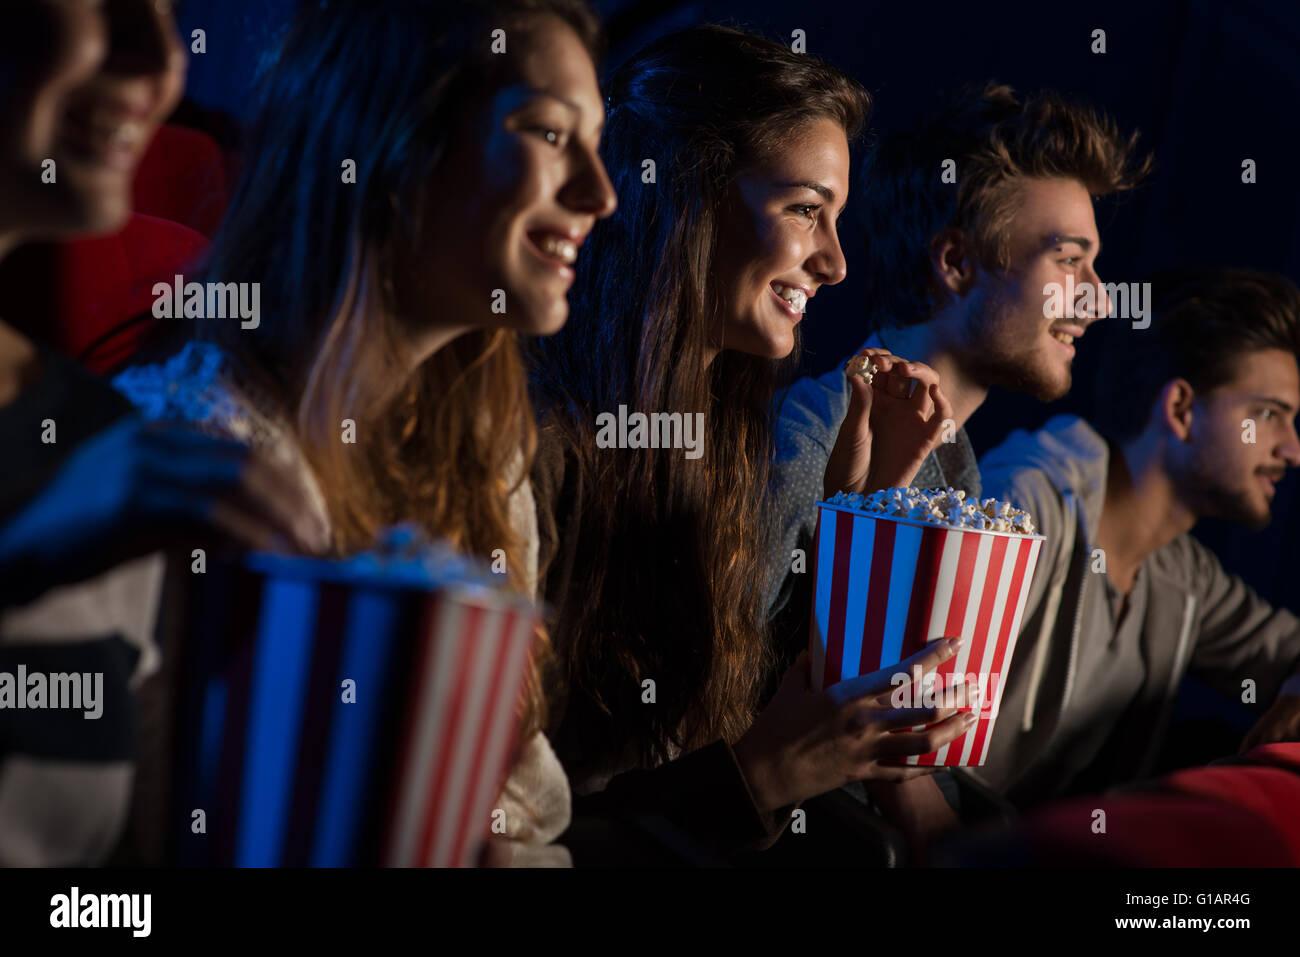 Gruppe Jugendlicher Freunde im Kino einen Film zusammen und Essen Popcorn, Unterhaltung und Genuss-Konzept Stockbild